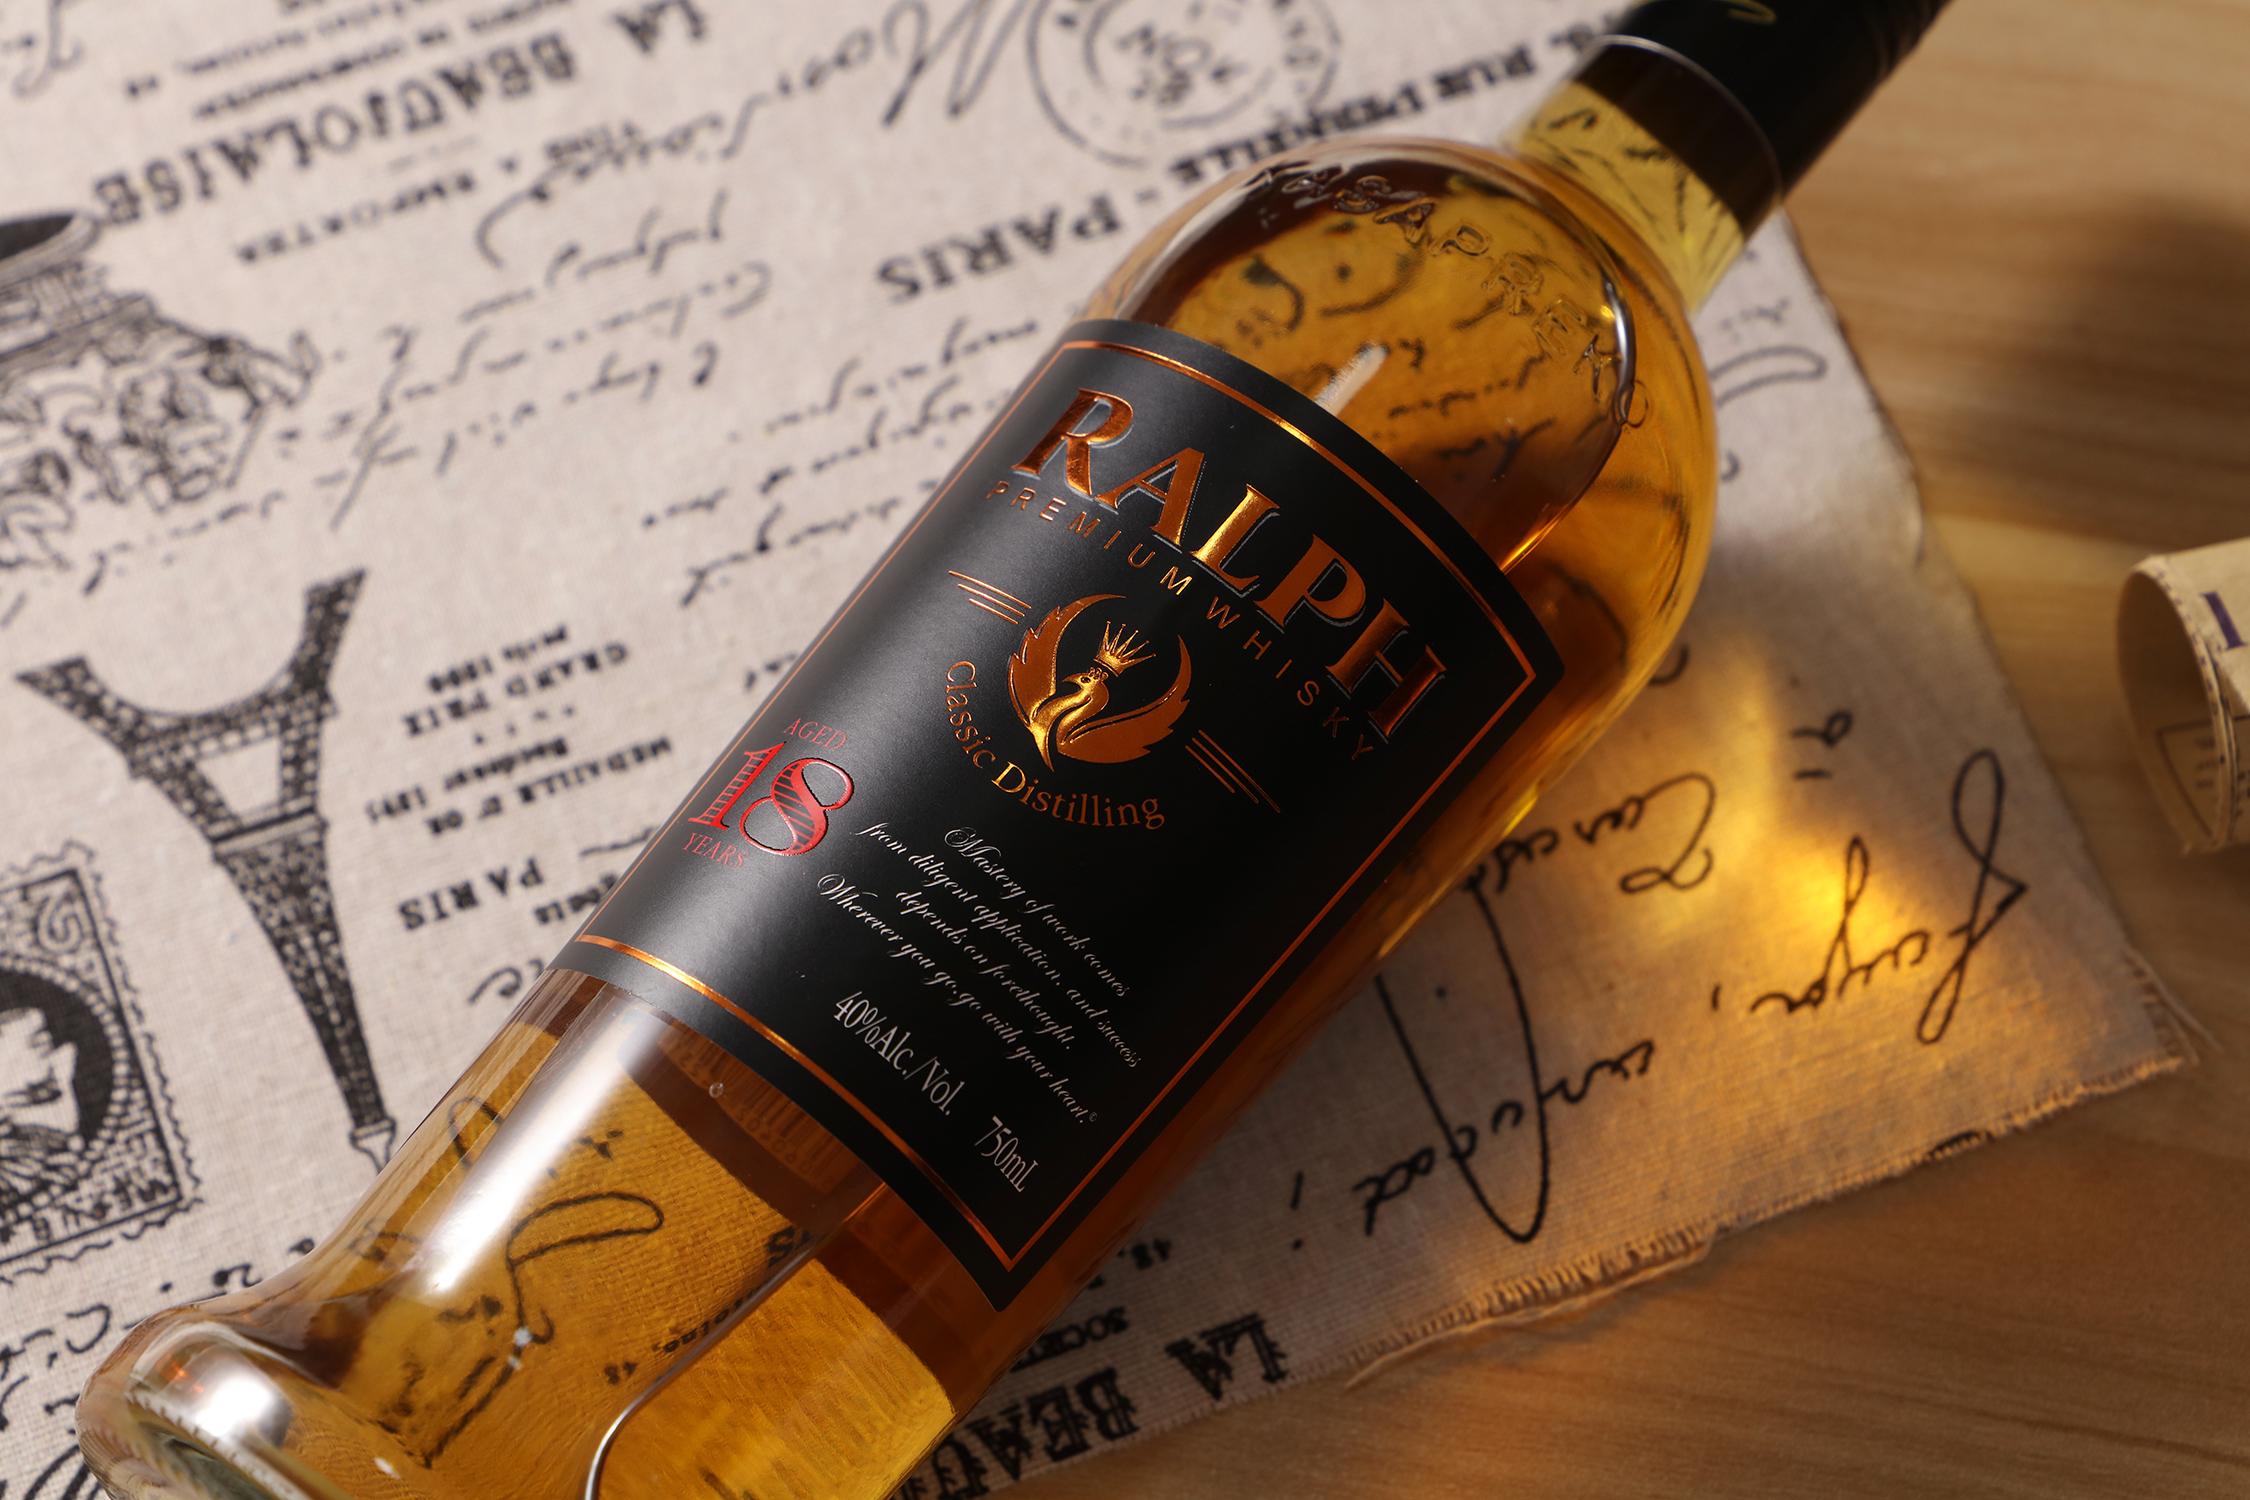 750 мл виски RALPH премиум-класса, произведенный на одной винокурне горячая Распродажа wisky